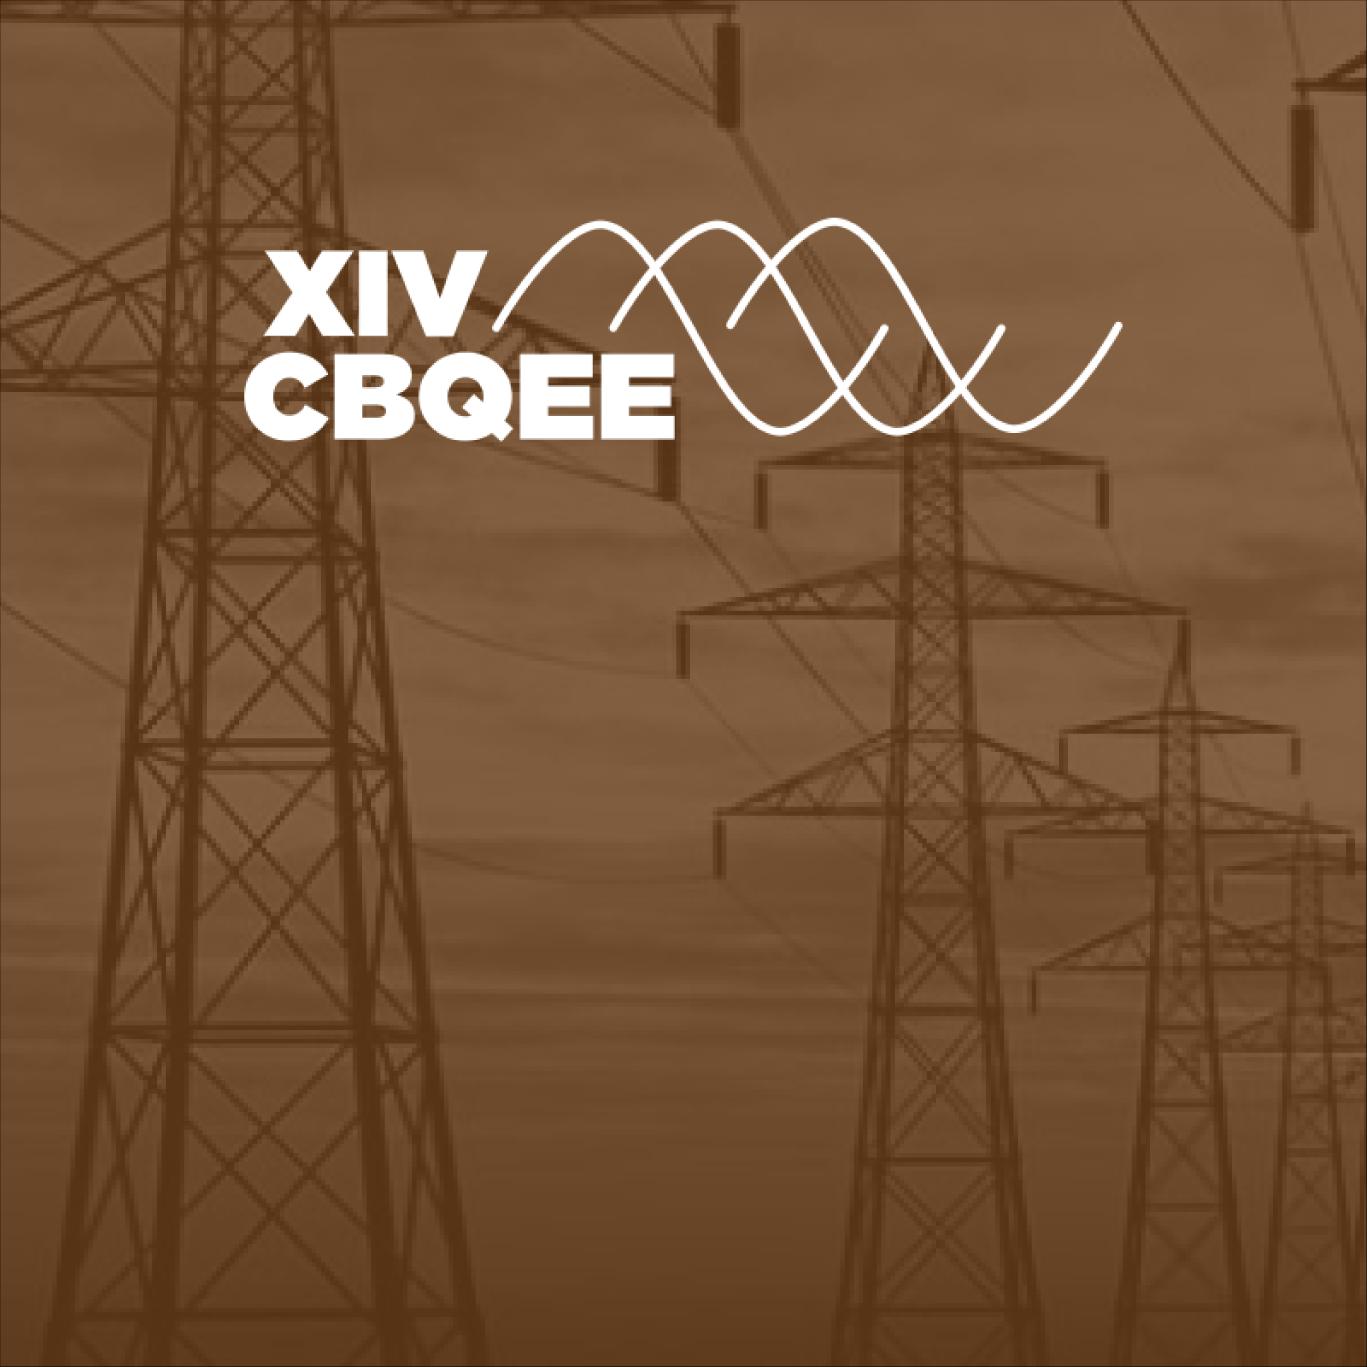 XIVª Edição do CBQEE 2021 conta com apoio do INERGE